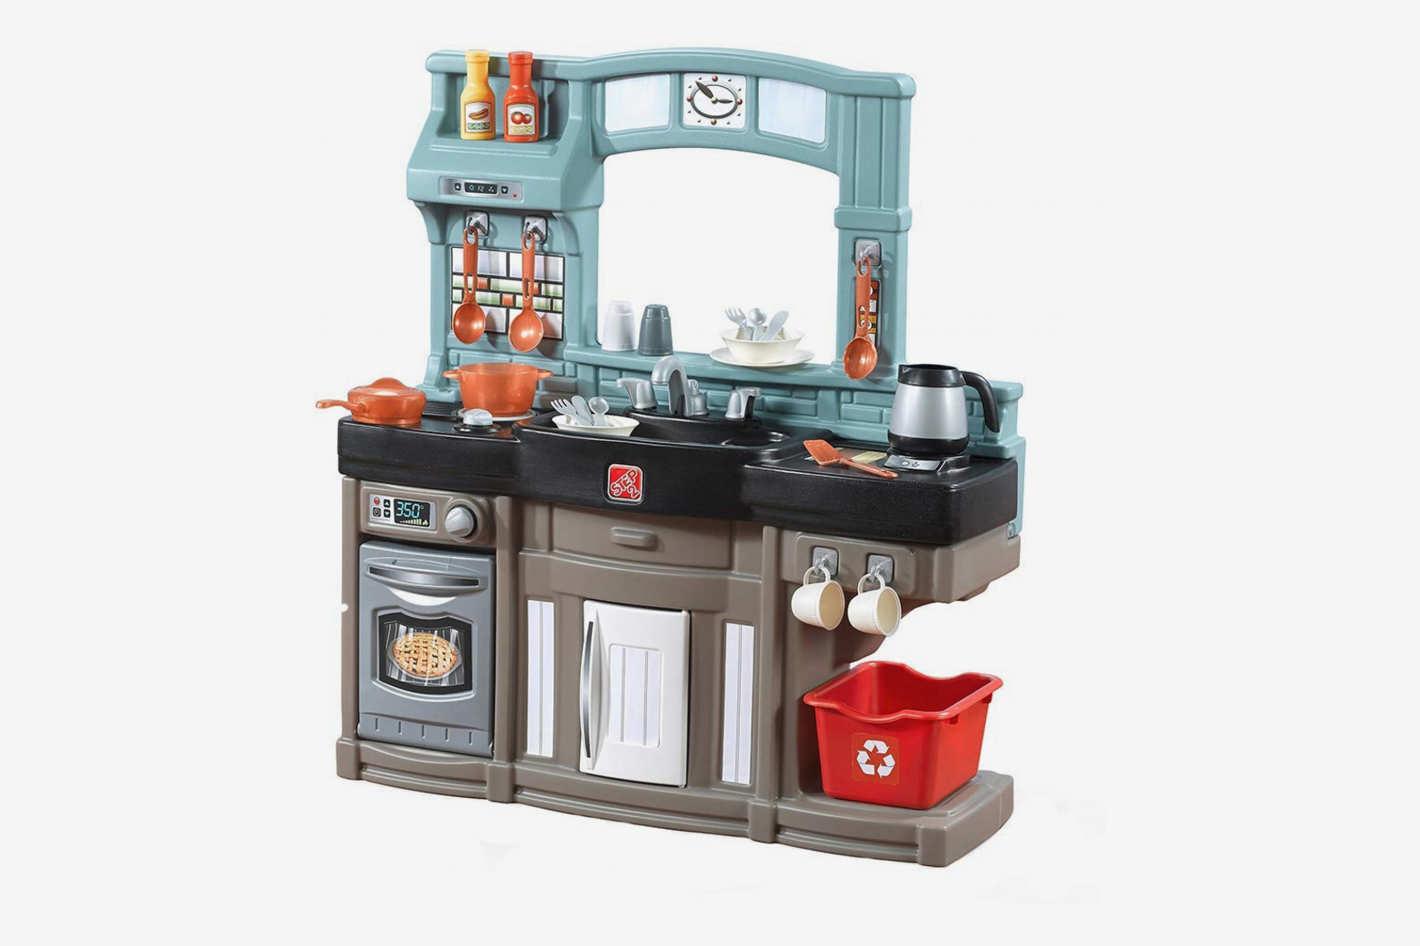 Игровые комплексы Step 2 Step 2 Игровая кухня Поварёнок Пластик Смешанный орз 2 шт нержавеющей стилкомпани над дверью крюк self кухня вешалка висит пальто хранения крючки